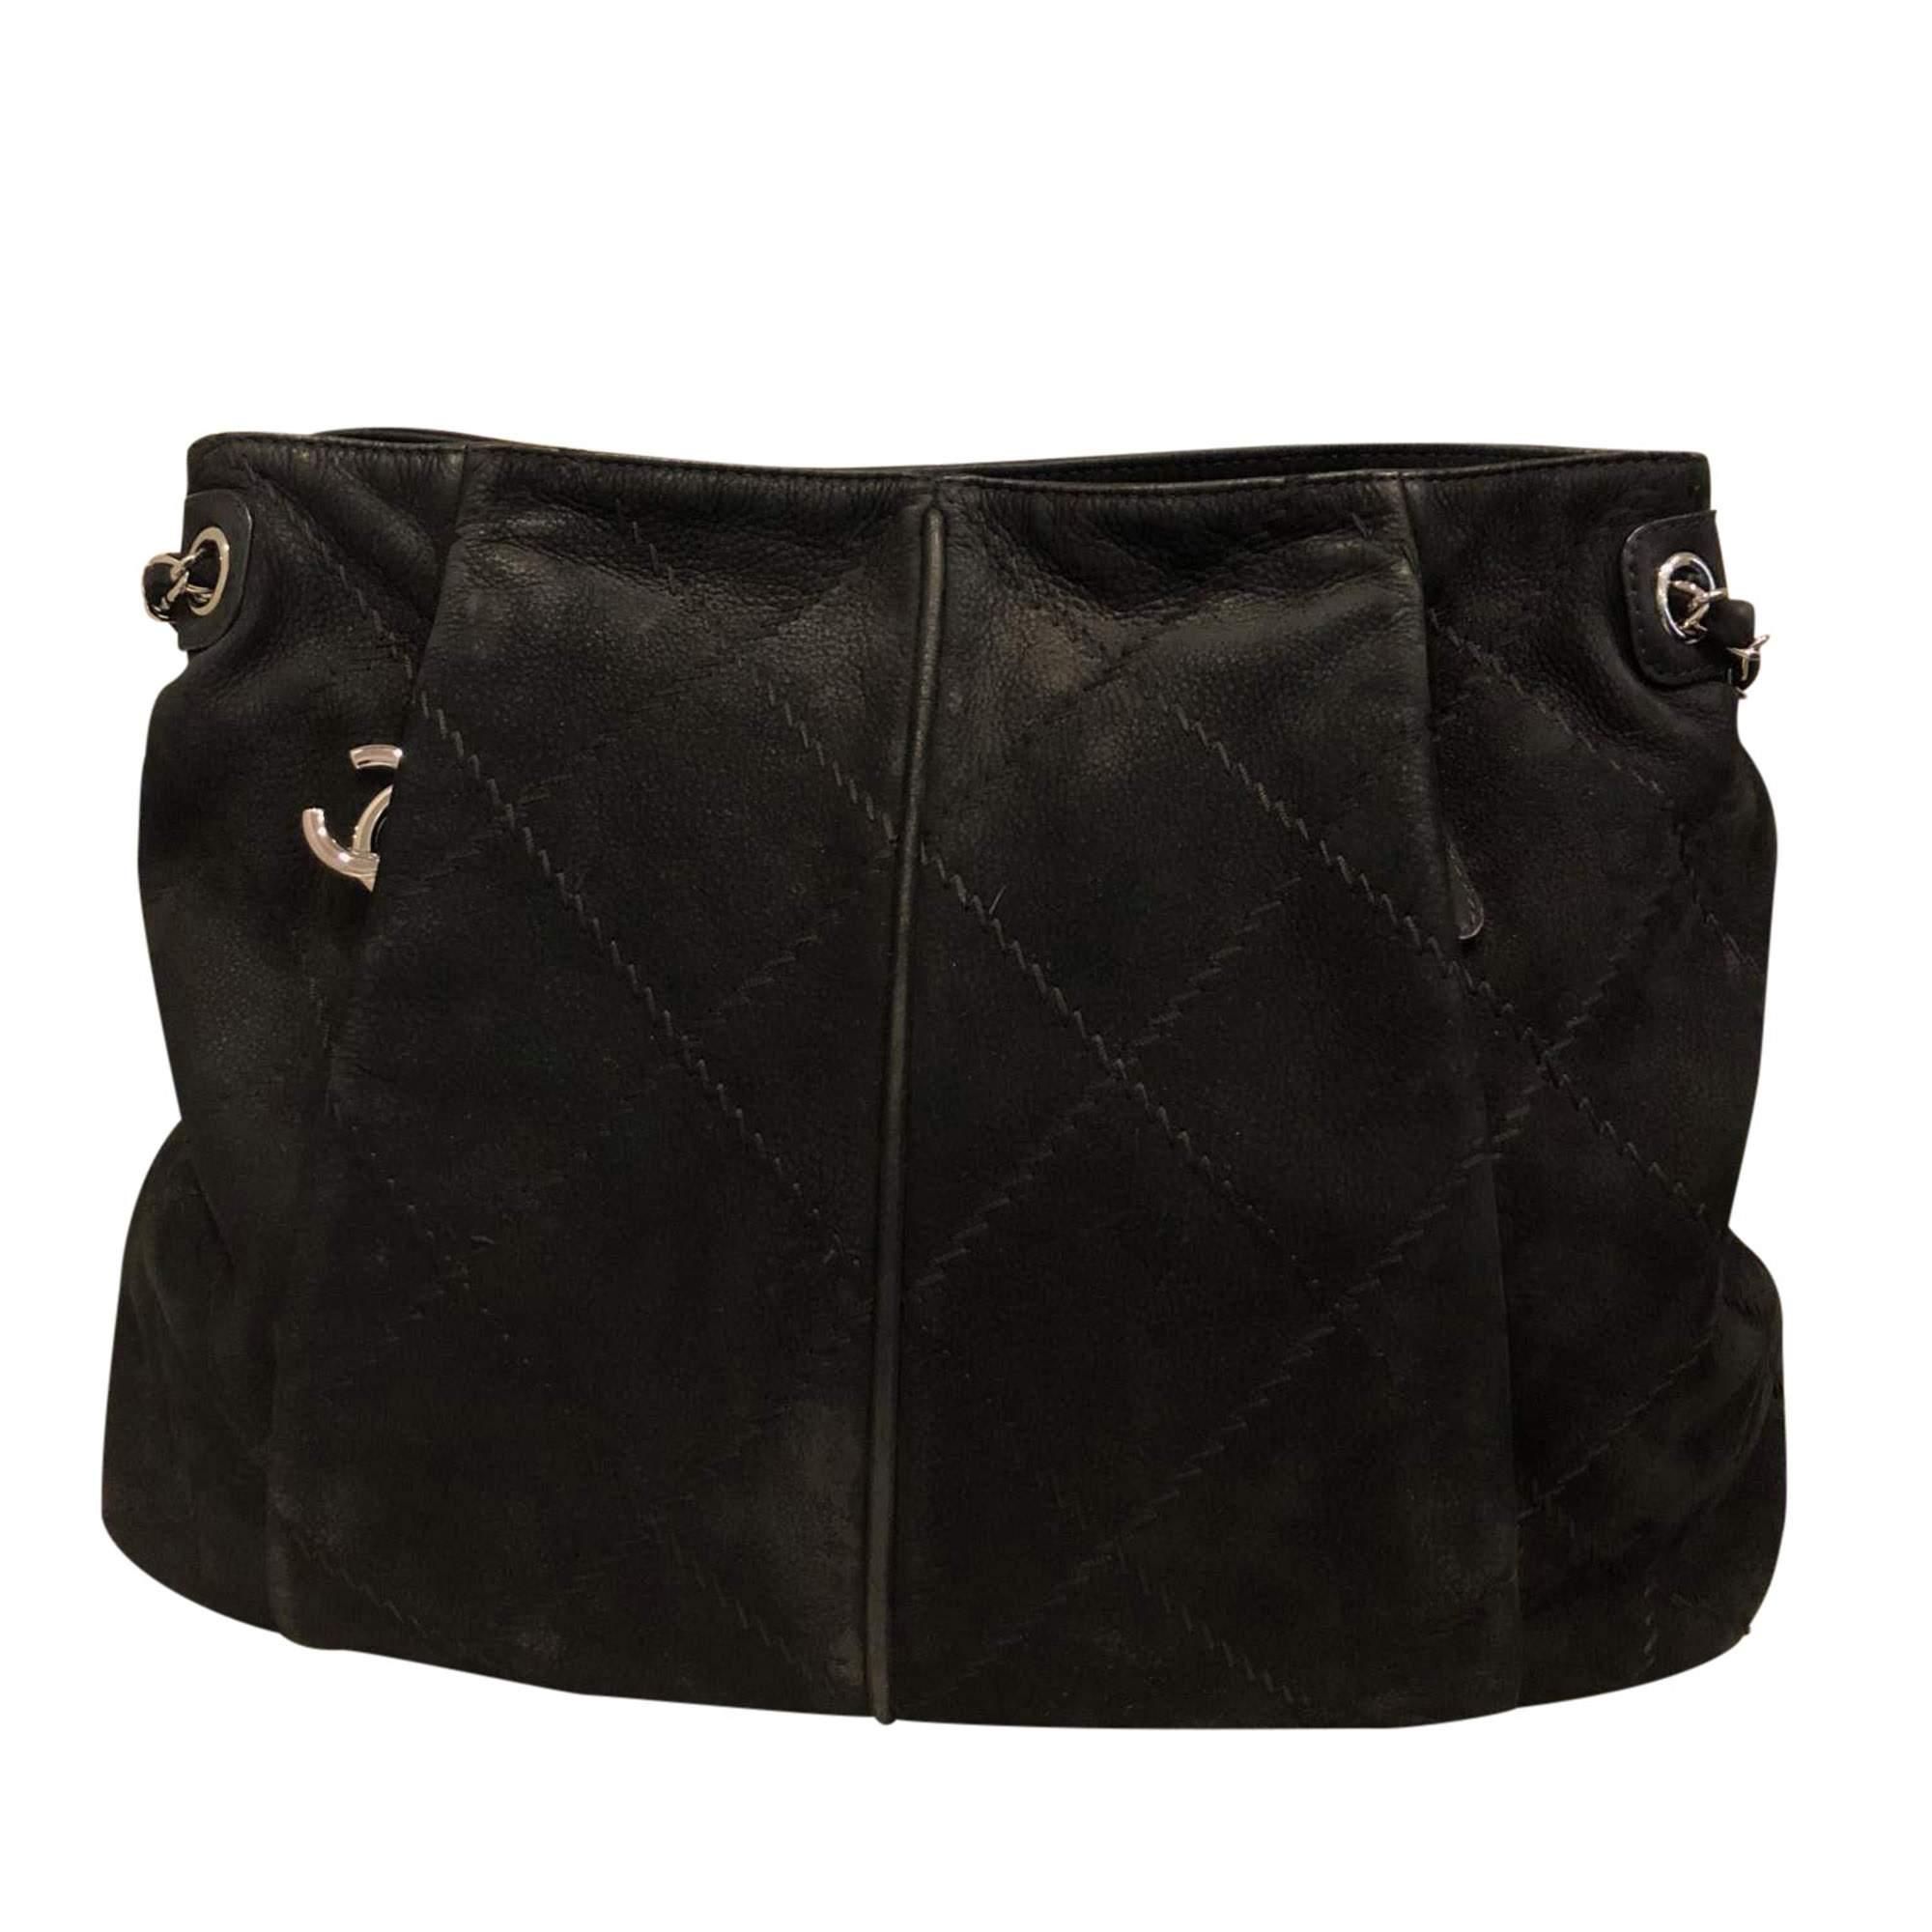 черная замшевая сумка купить